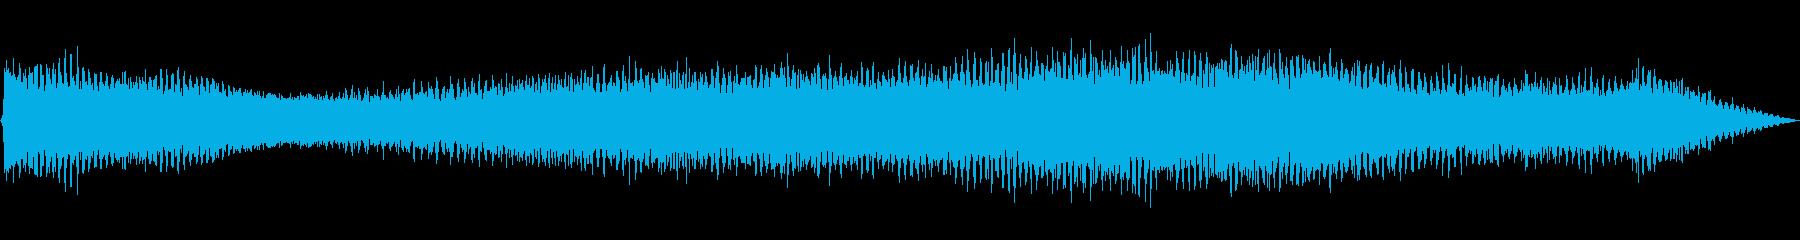 ミンミン(セミの鳴き声)の再生済みの波形